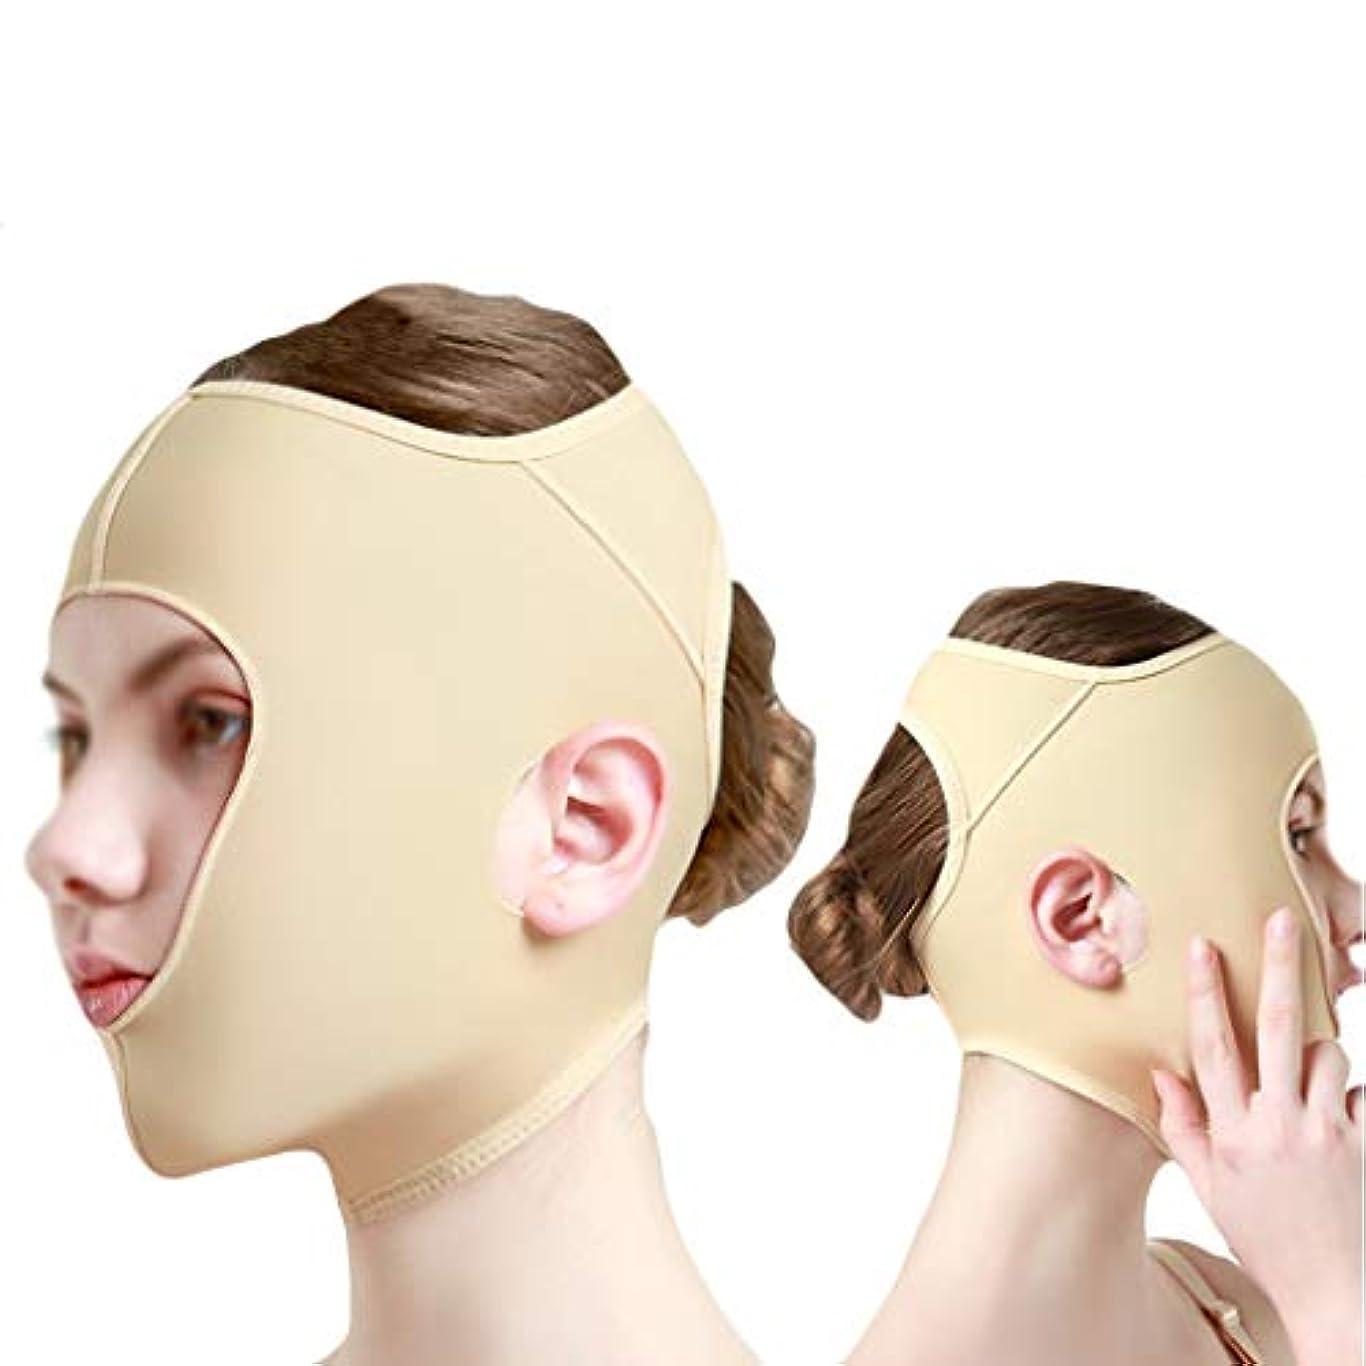 病メニューデジタル顔の彫刻ツール、脂肪吸引フード、二重あご包帯、ストレッチマスク (Size : S)